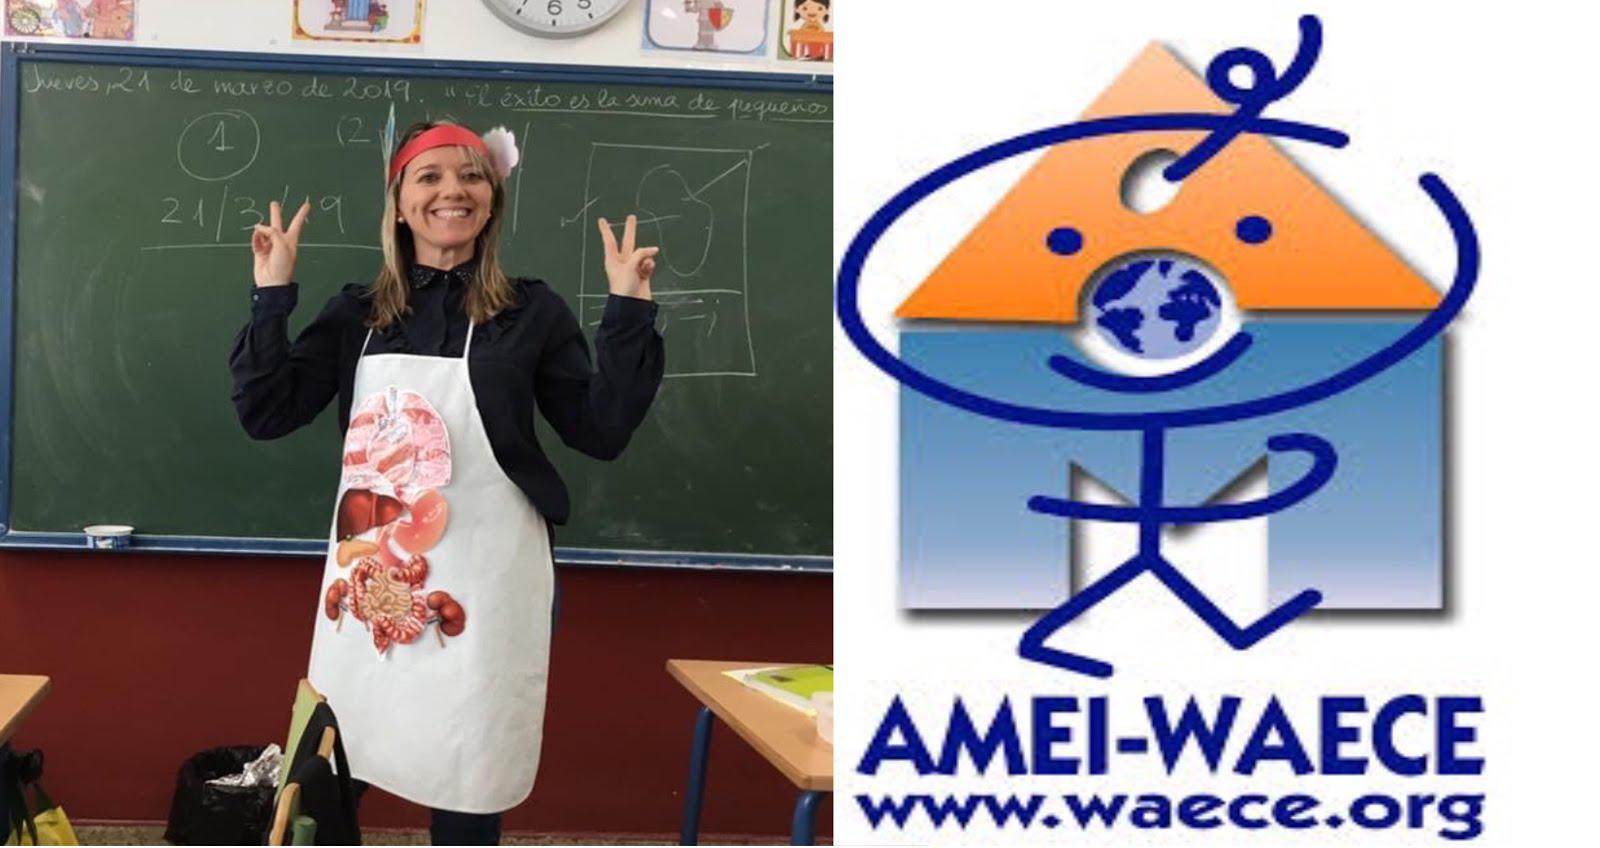 AMEI-WAECE